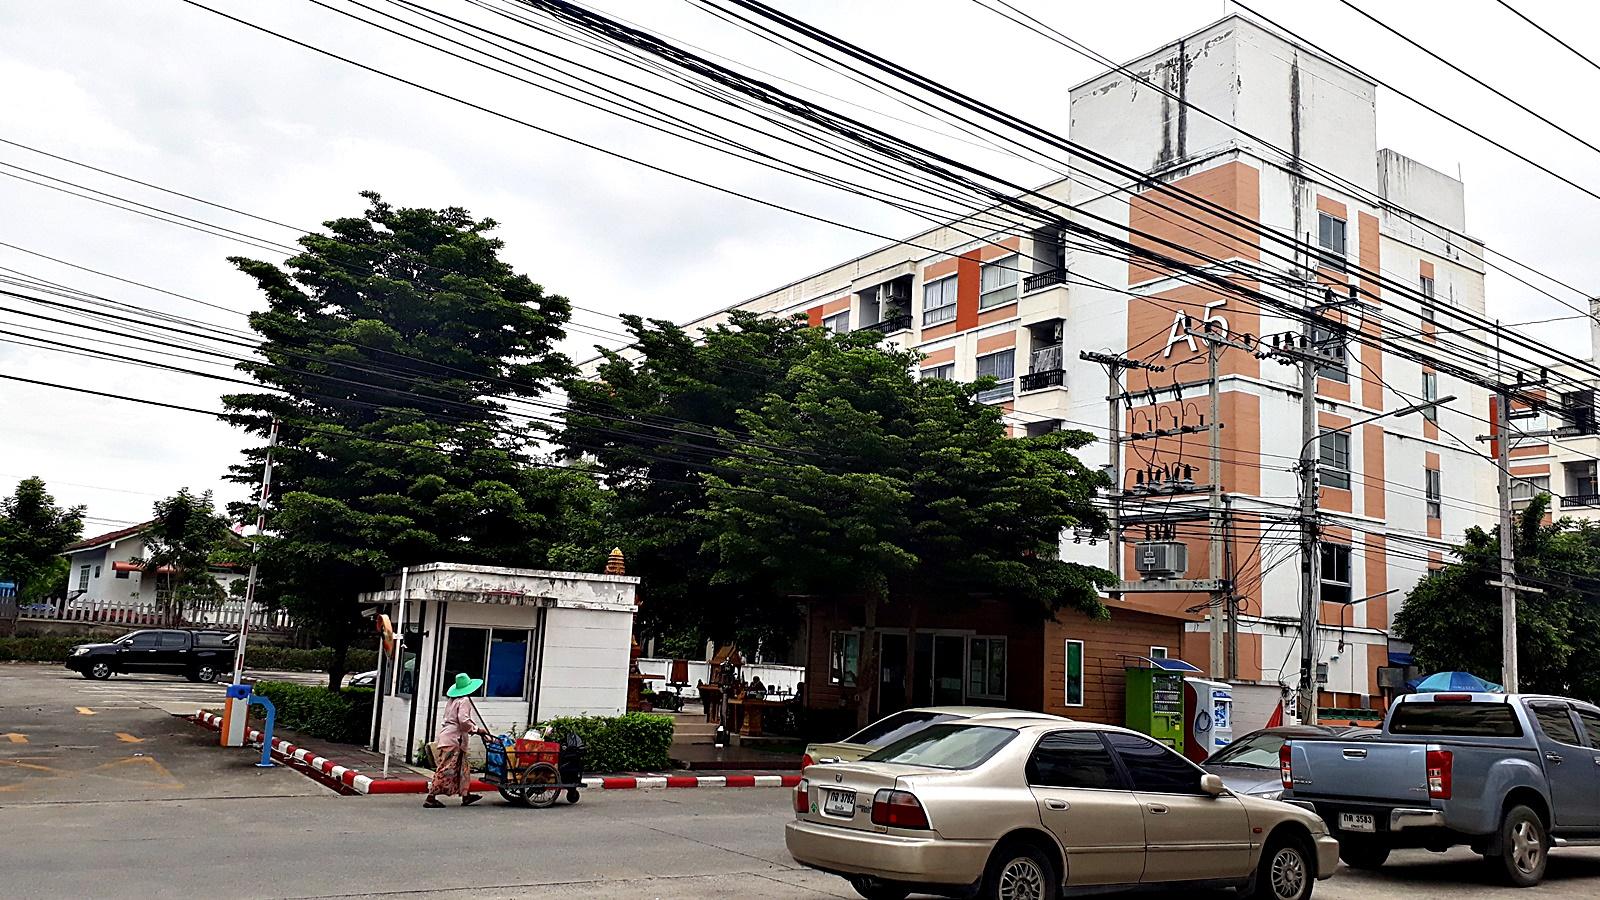 ขาย คอนโด เดอะ แคช ลำลูกกา คลอง 2 THE CACHE Lamlukka Klong2 ใกล้สถานีรถไฟฟ้า BTS สายสีเขียว สถานีคูคต